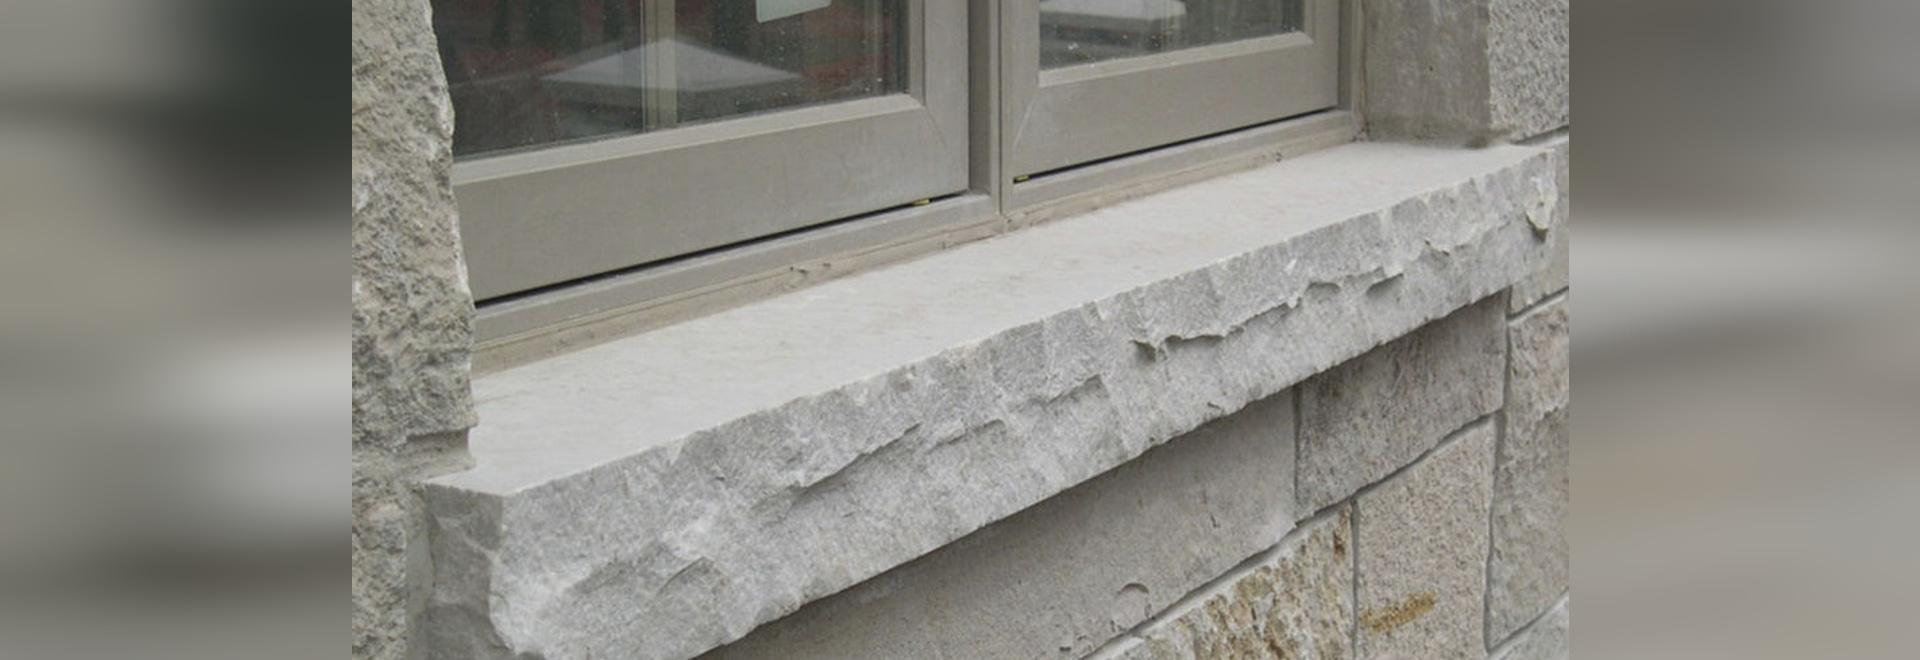 Top NUOVO: davanzale di pietra della finestra da Eden Stone Company  LB82